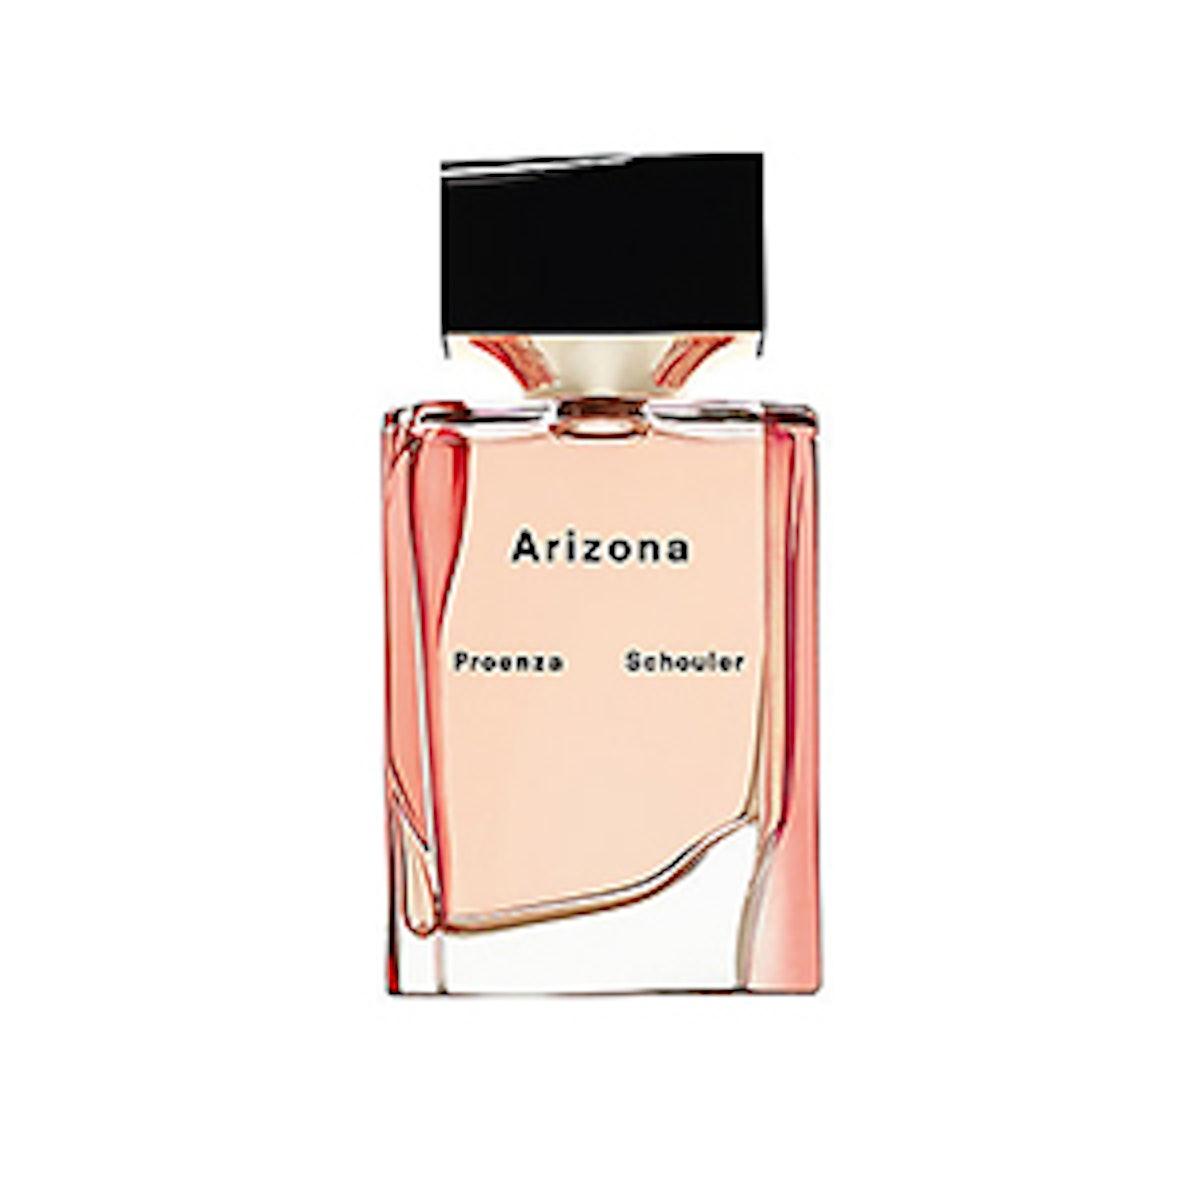 Arizona Eau De Parfum